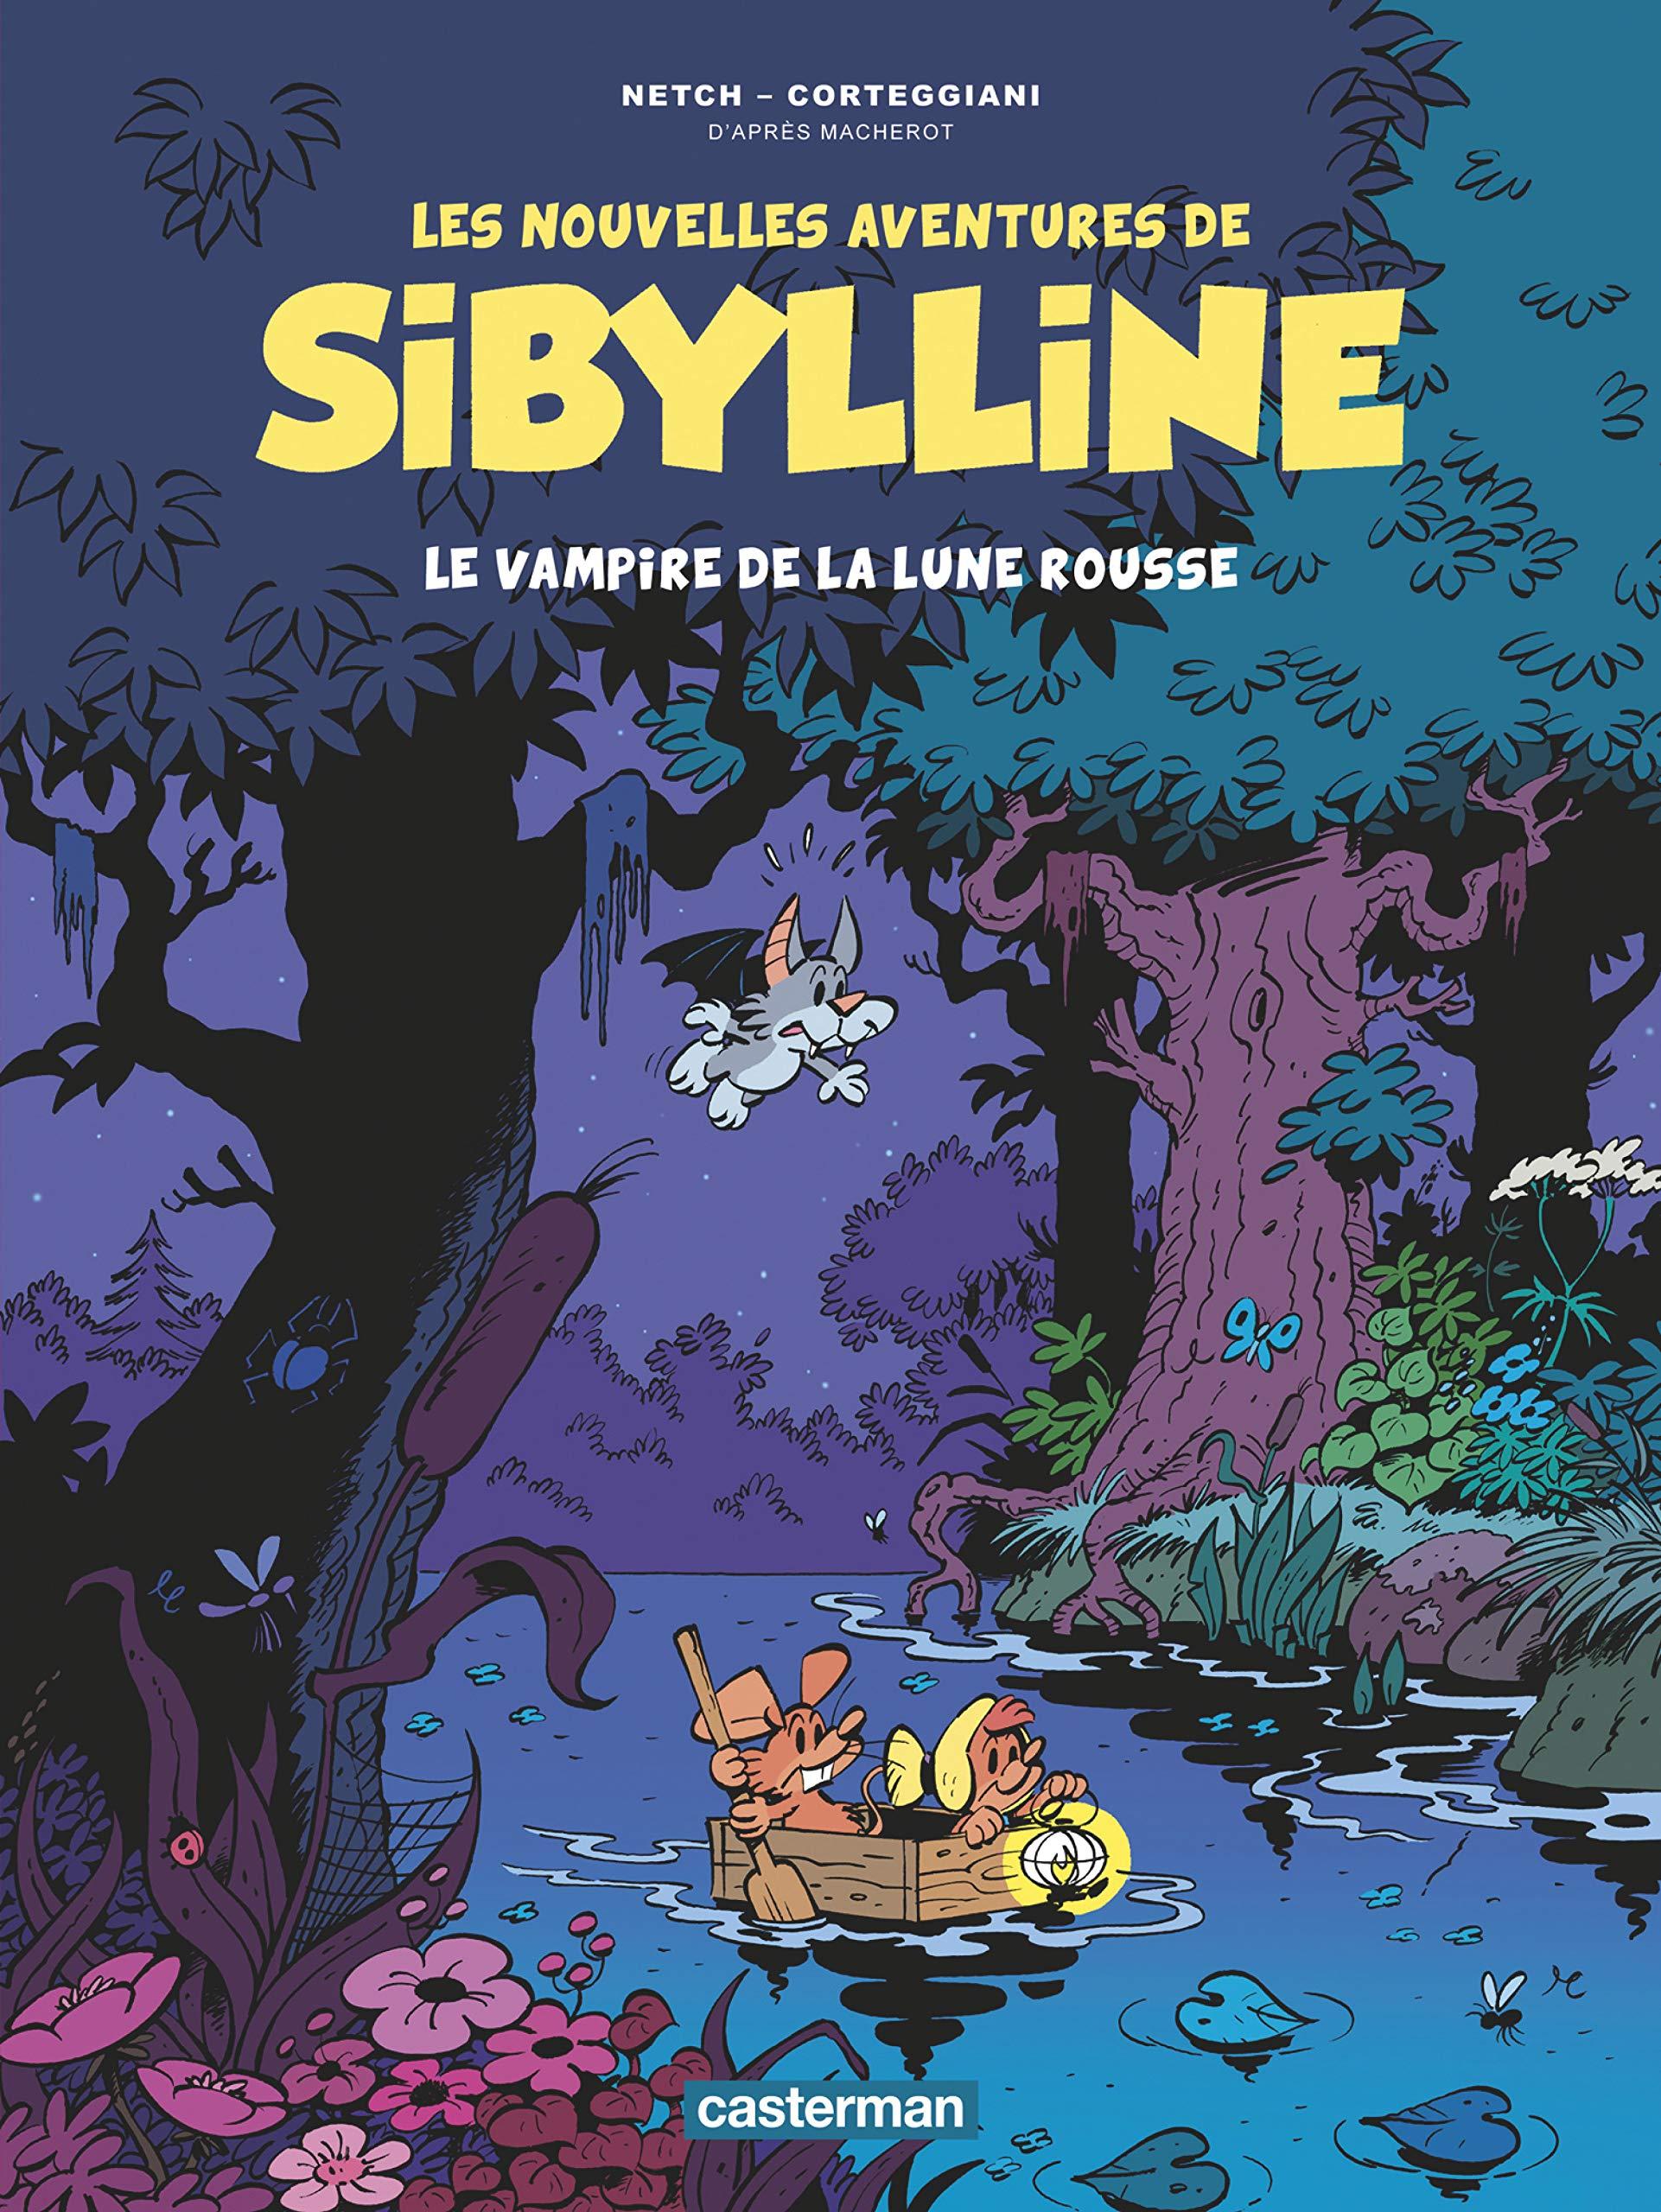 Les nouvelles aventures de Sibylline 2 - Le vampire de la lune rousse